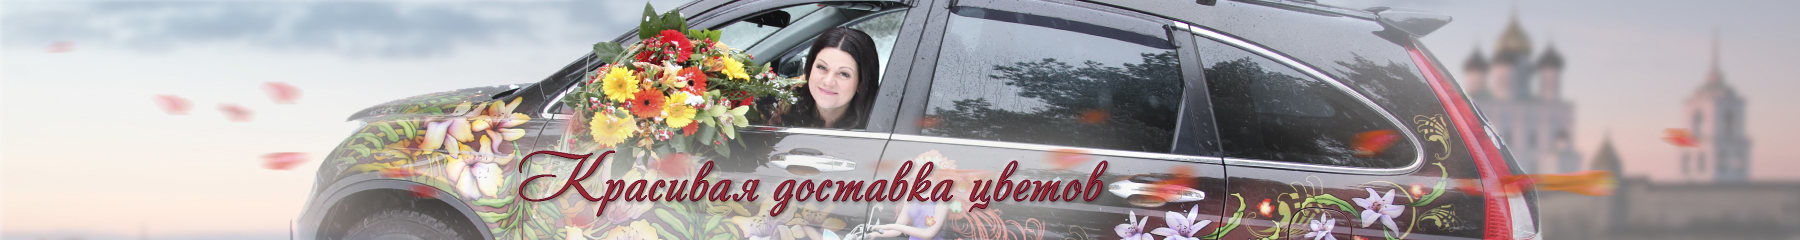 Украшение свадебного автомобиля  Псков